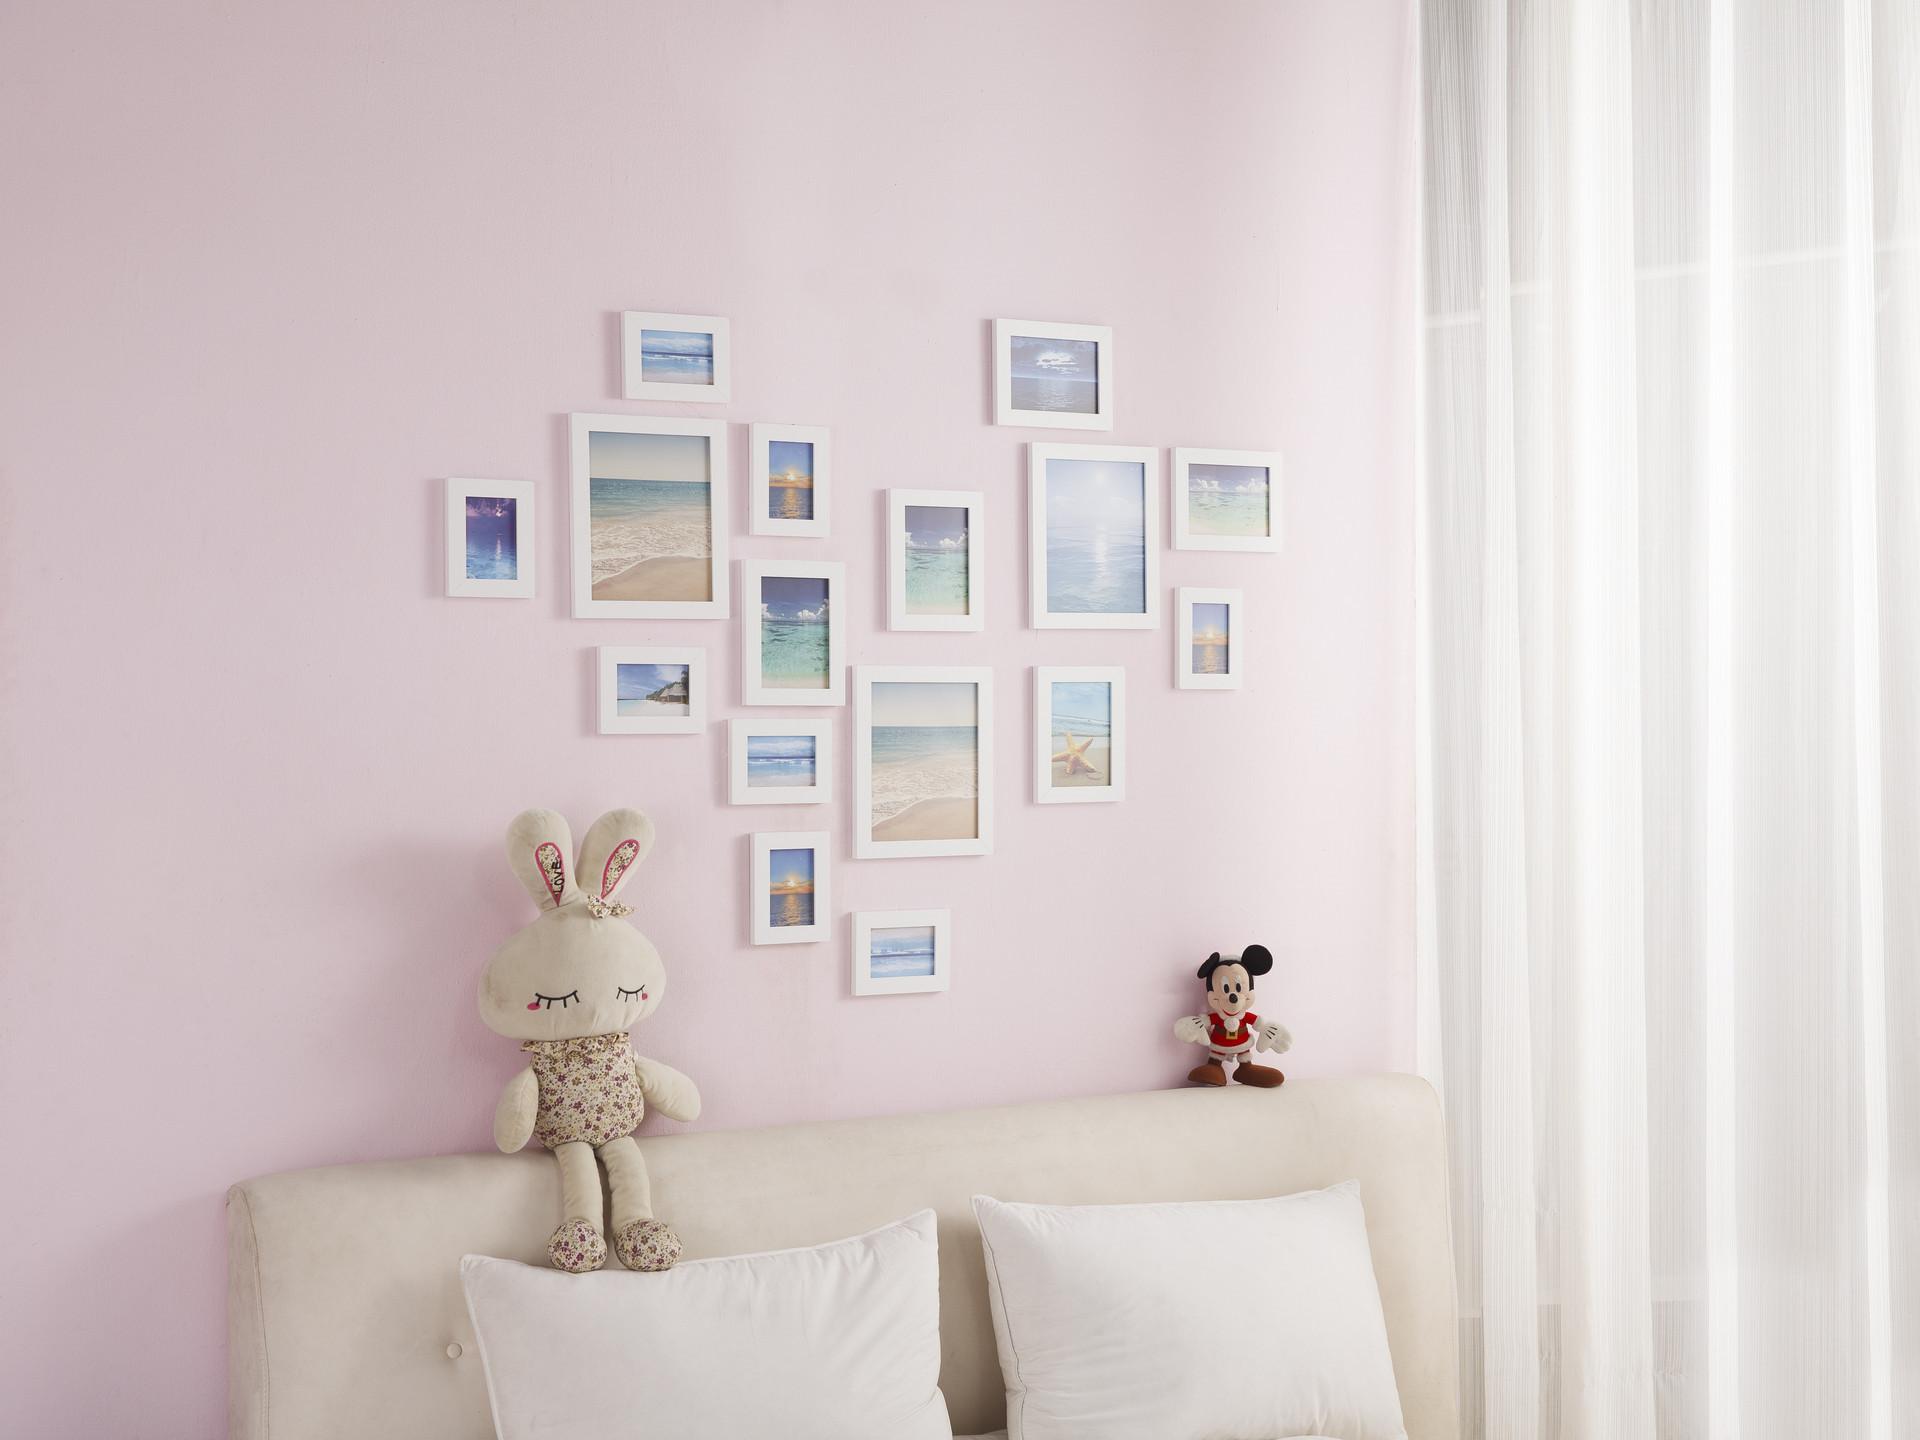 墙面装饰有哪些材料?  推荐4种常见的墙面装饰材料